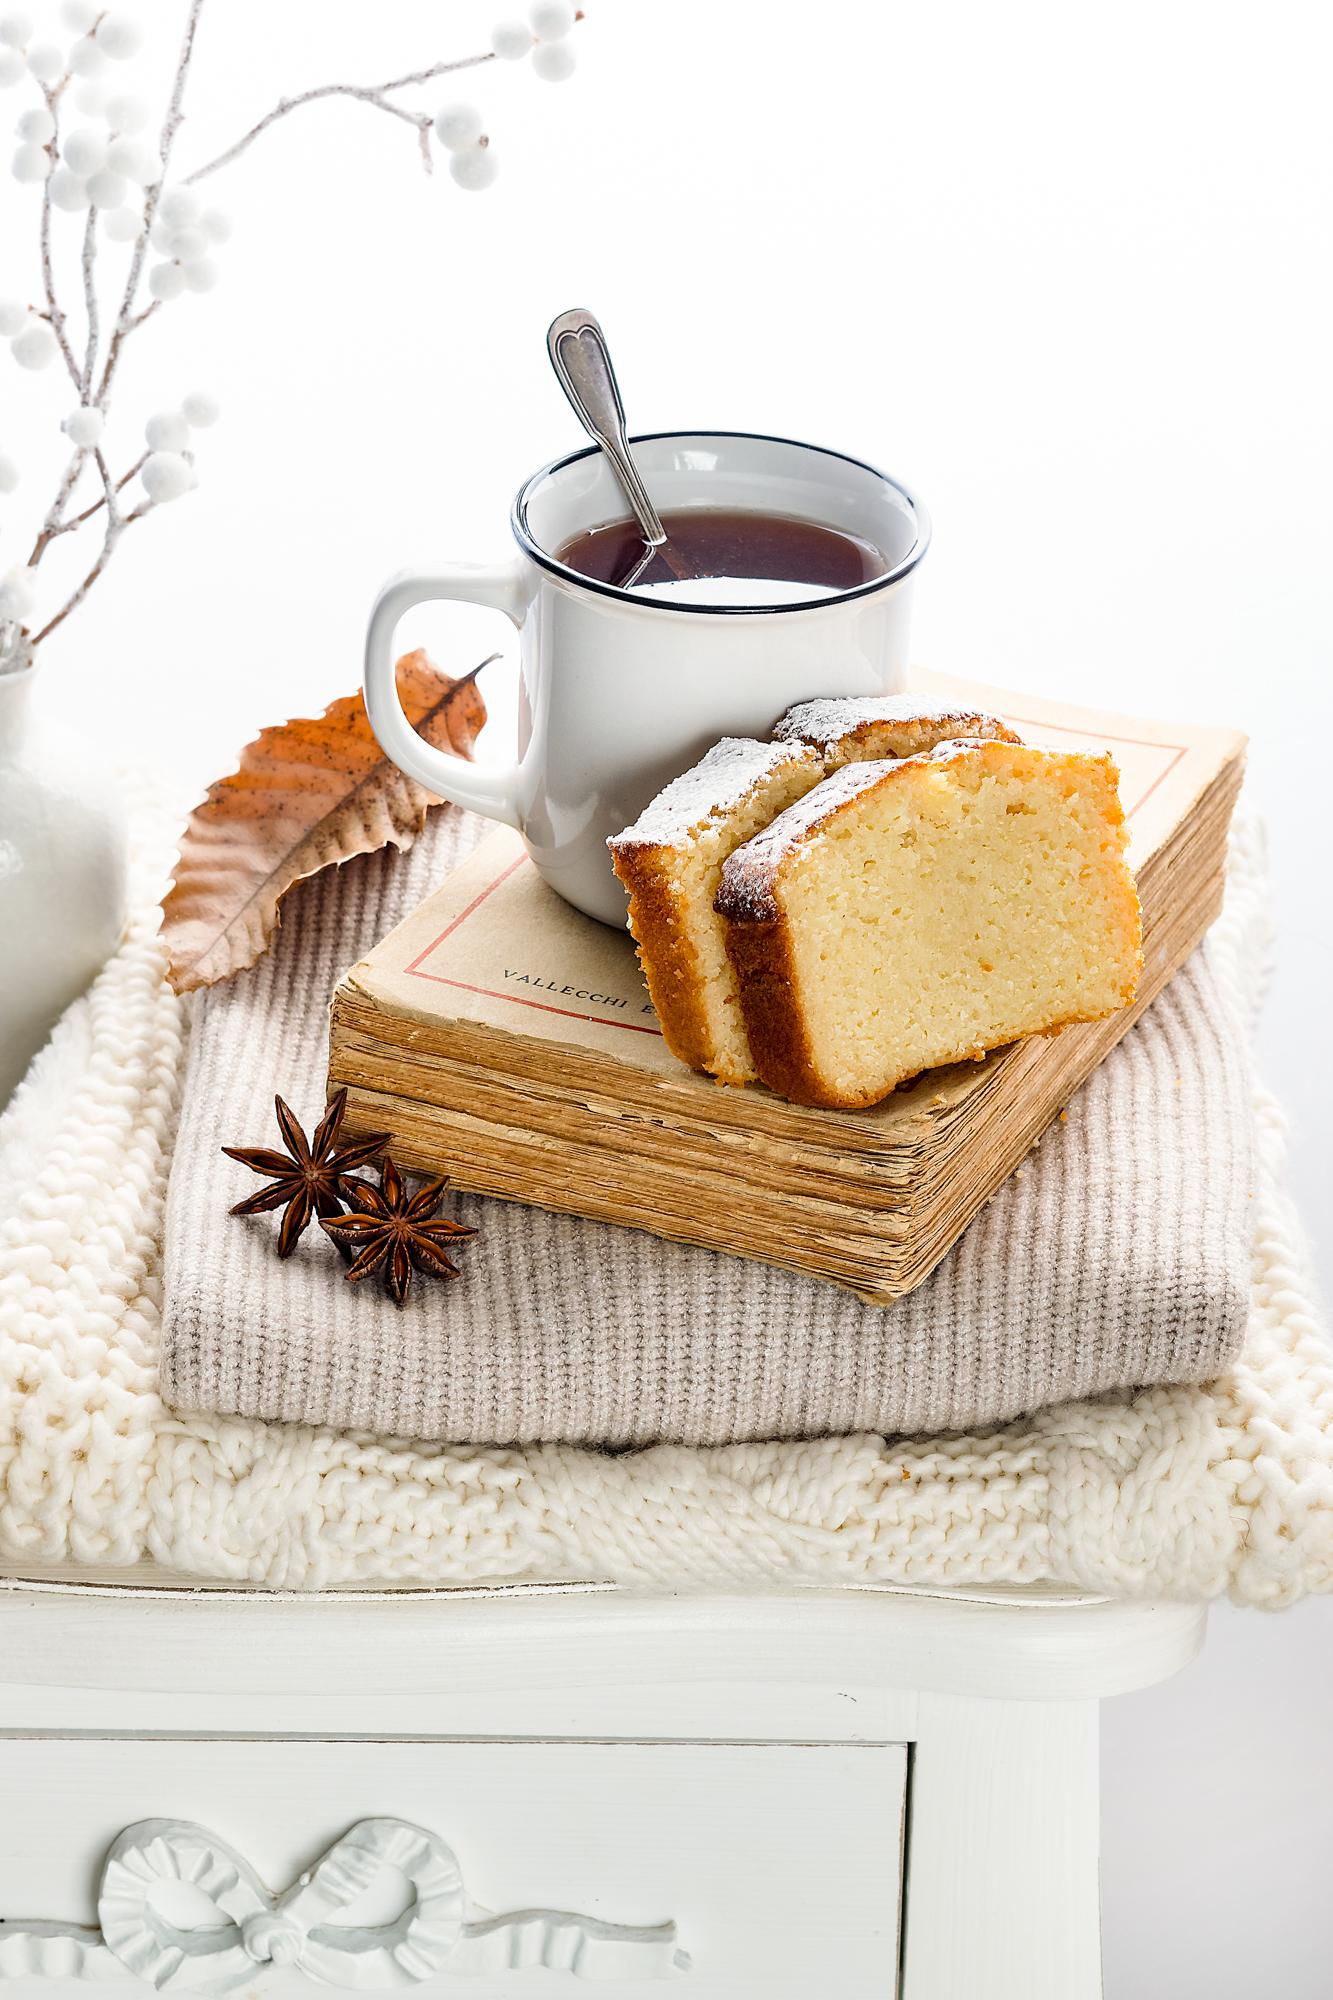 Plumcake soffice al profumo di Earl Grey tea e vaniglia